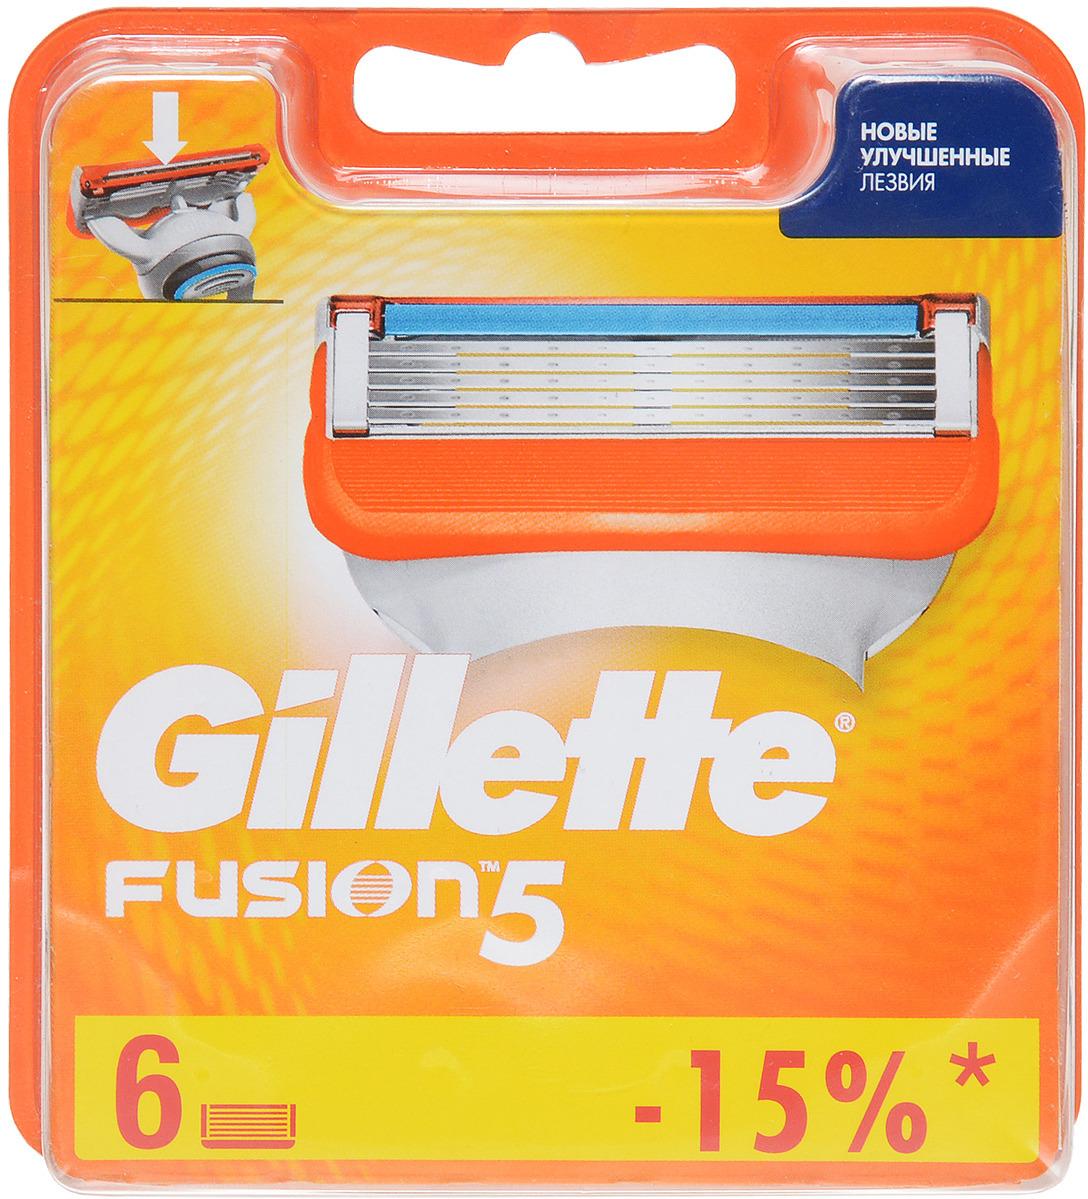 Сменные кассеты Gillette Fusion5 для мужской бритвы, 6 шт